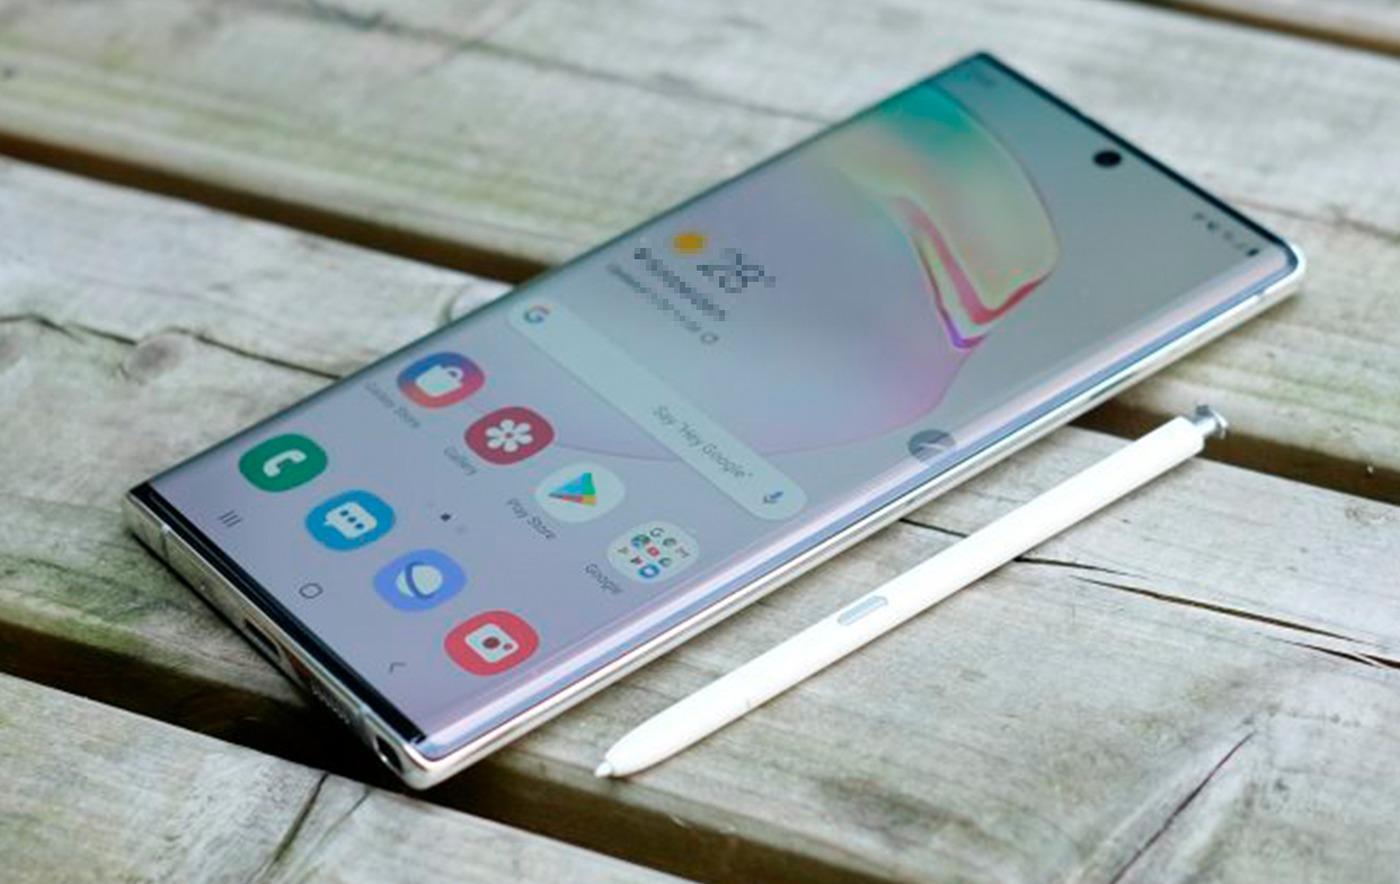 Samsung, Note serisini genişleterek, Galaxy Note 10 ve Galaxy Note 10 Plus'ı piyasaya sundu. Note 10 Plus'a hali hazırda 9000 TL'nin üzerinde